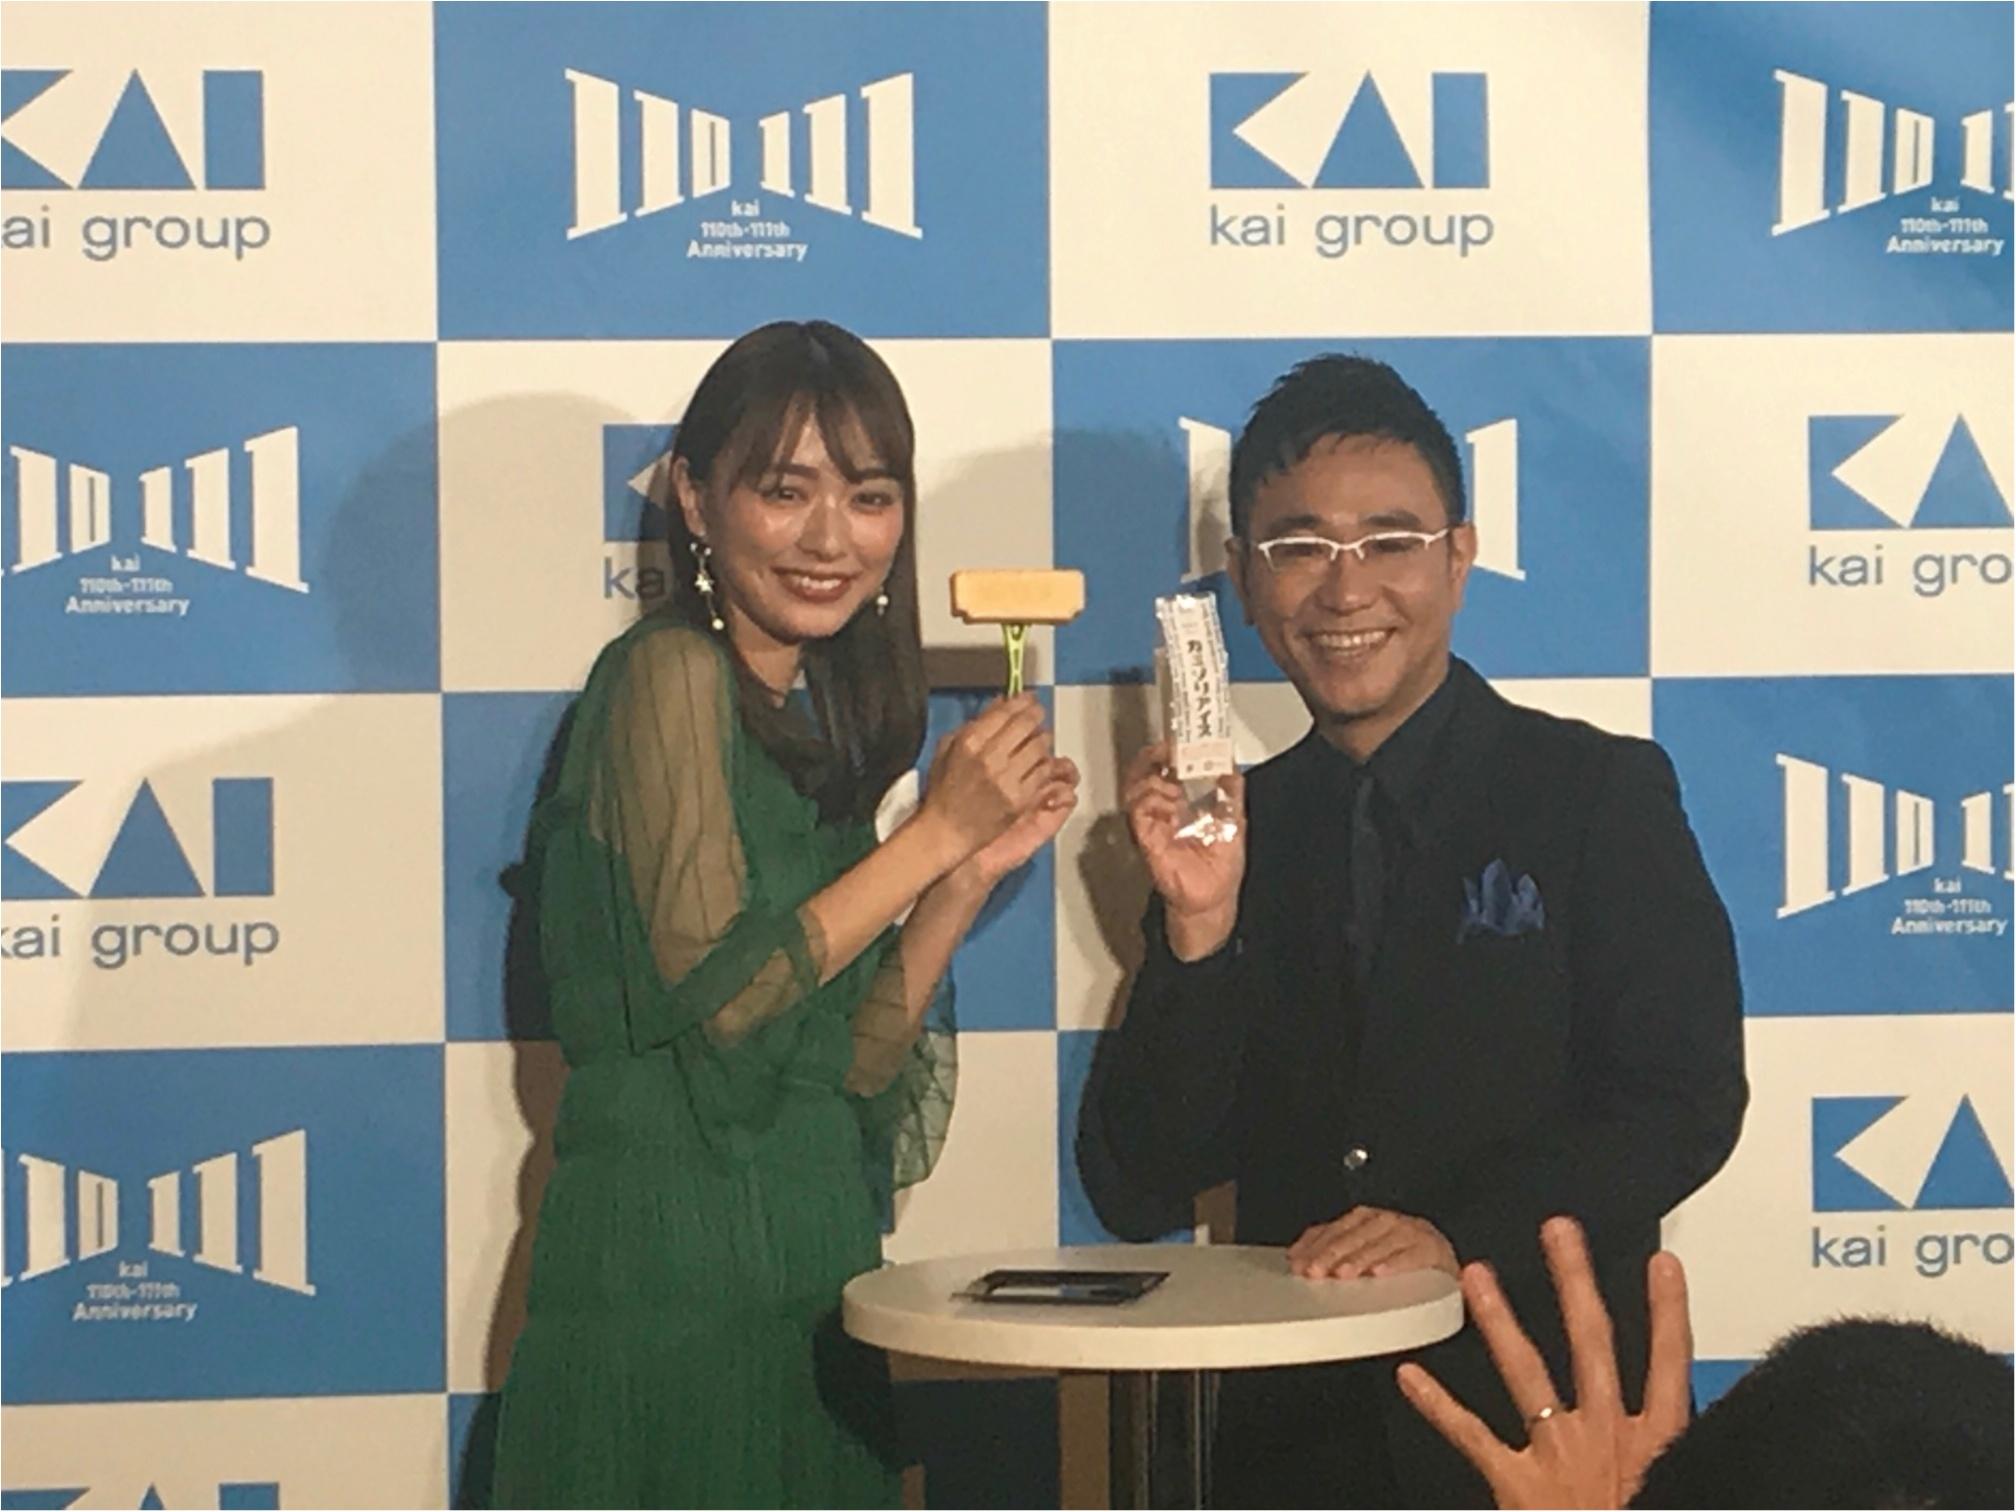 内田理央が「KAIの家」オープニングイベントに出席! だーりお監修ポーチを手に入れるチャンスも2